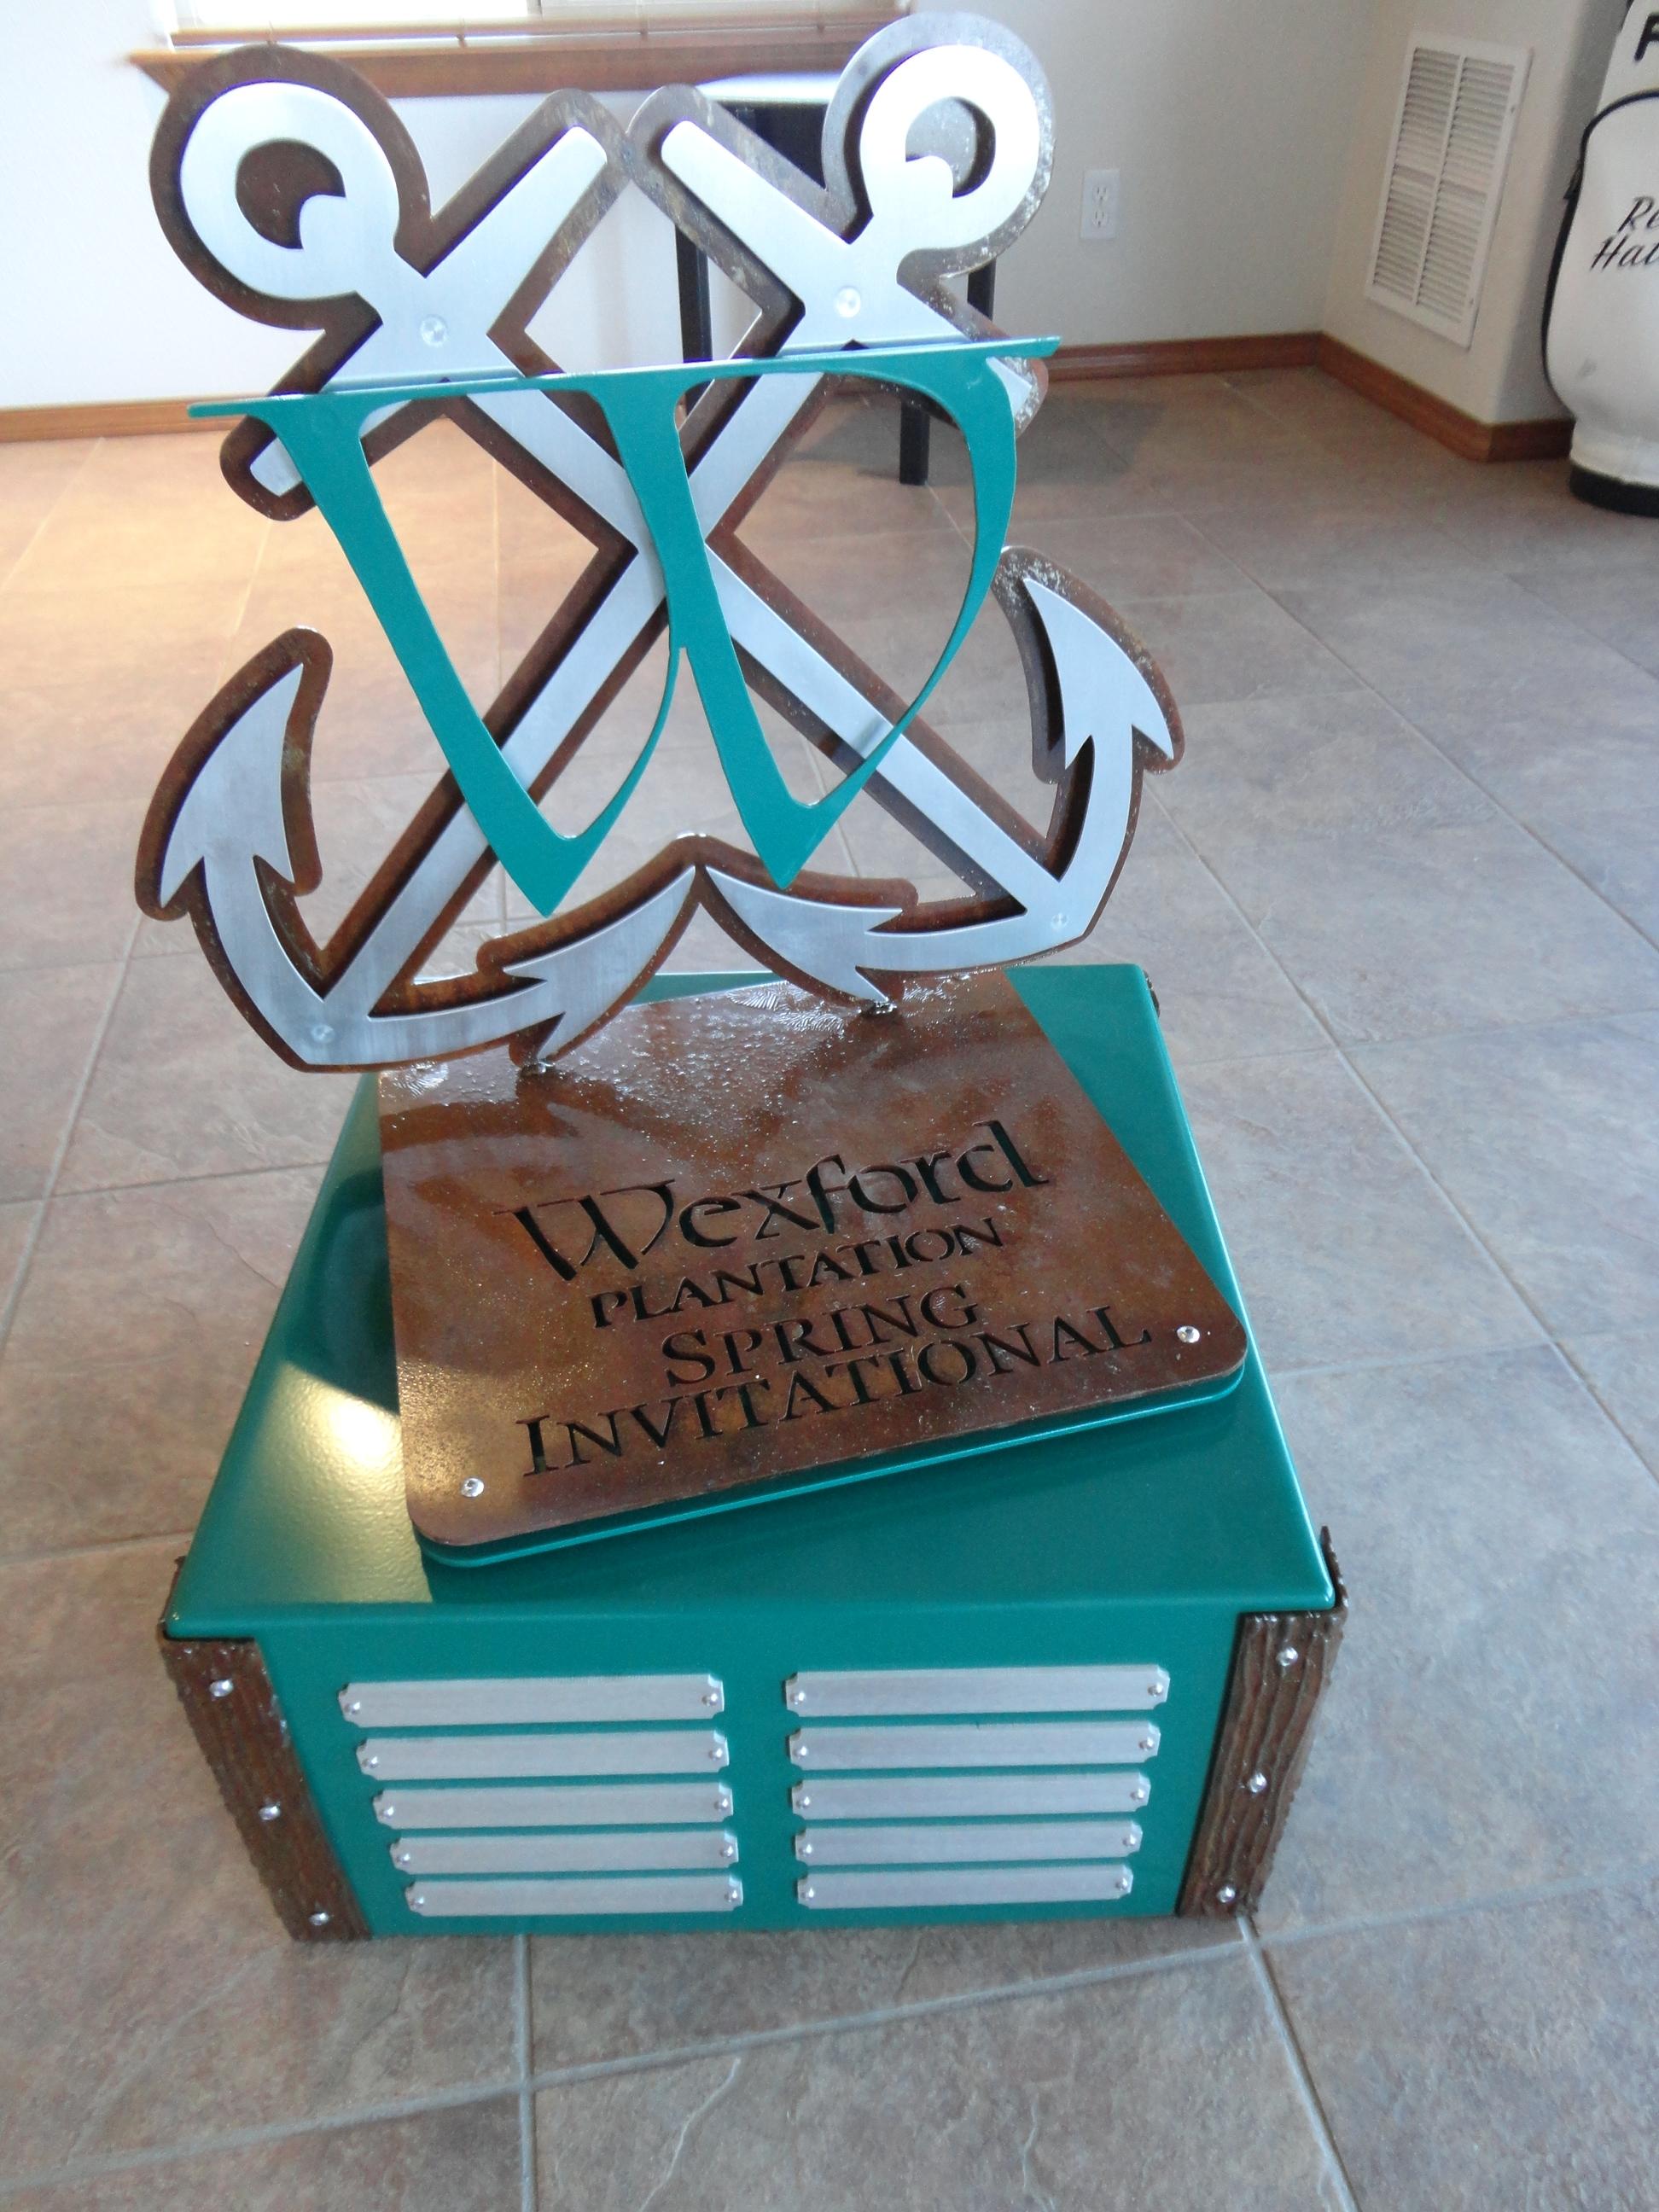 WEXFORD -Custom Perpetual Trophy